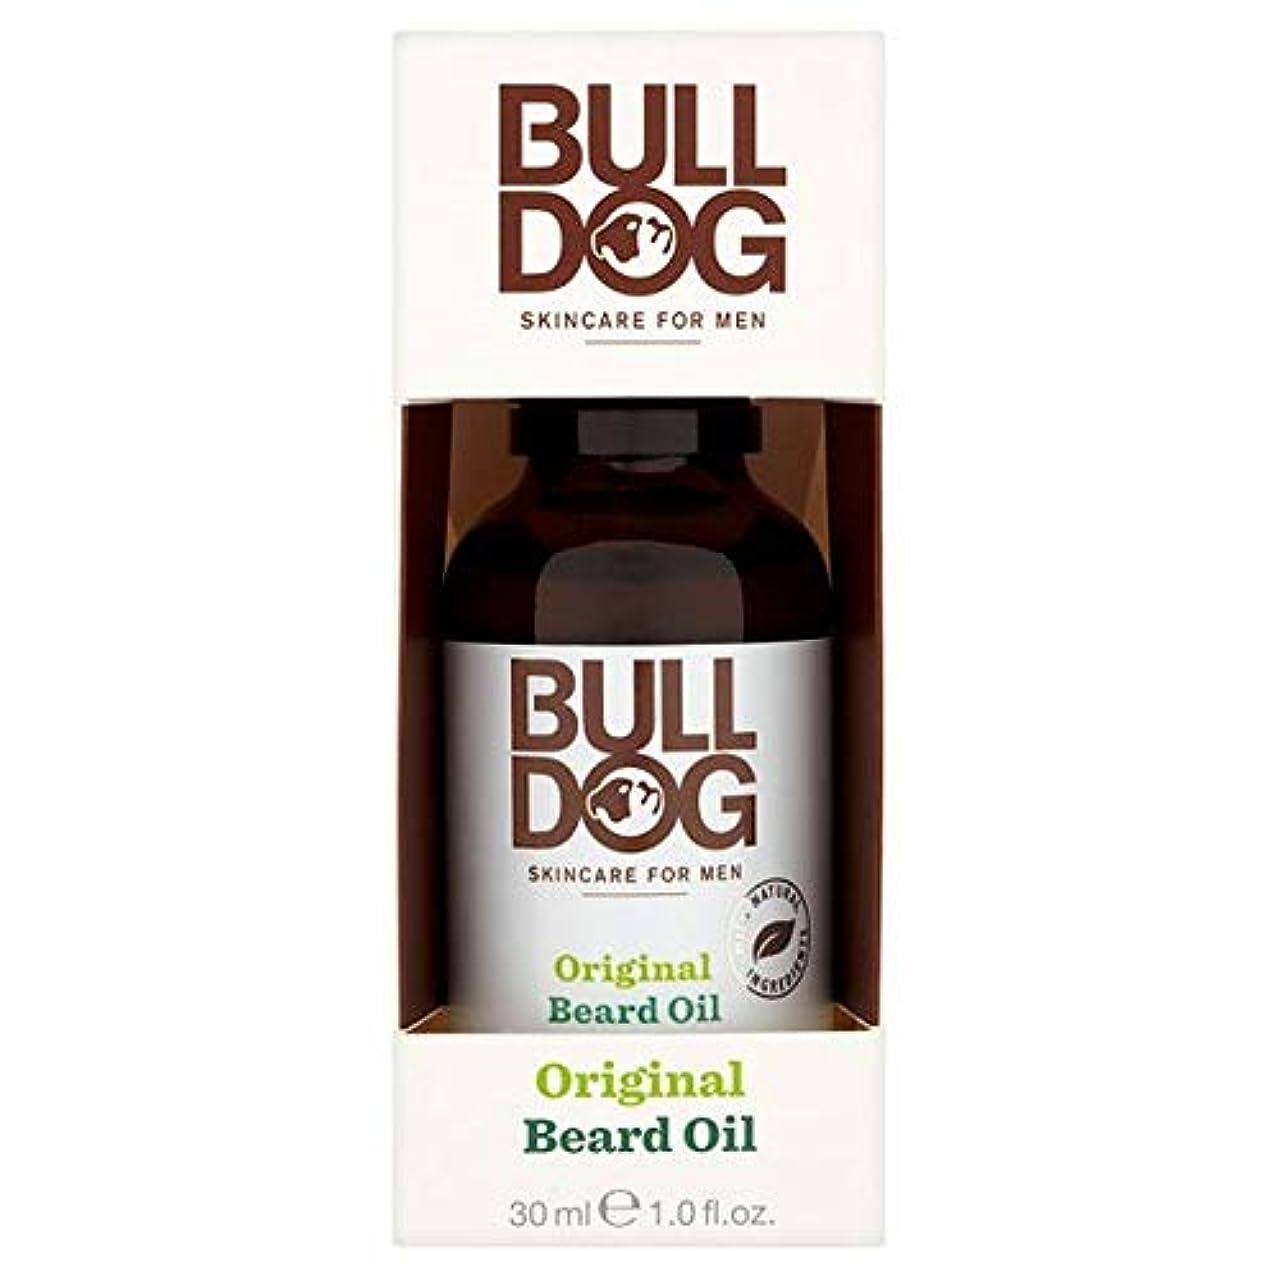 水曜日劇的路地[Bulldog] ブルドッグ元ひげオイル30ミリリットル - Bulldog Original Beard Oil 30Ml [並行輸入品]